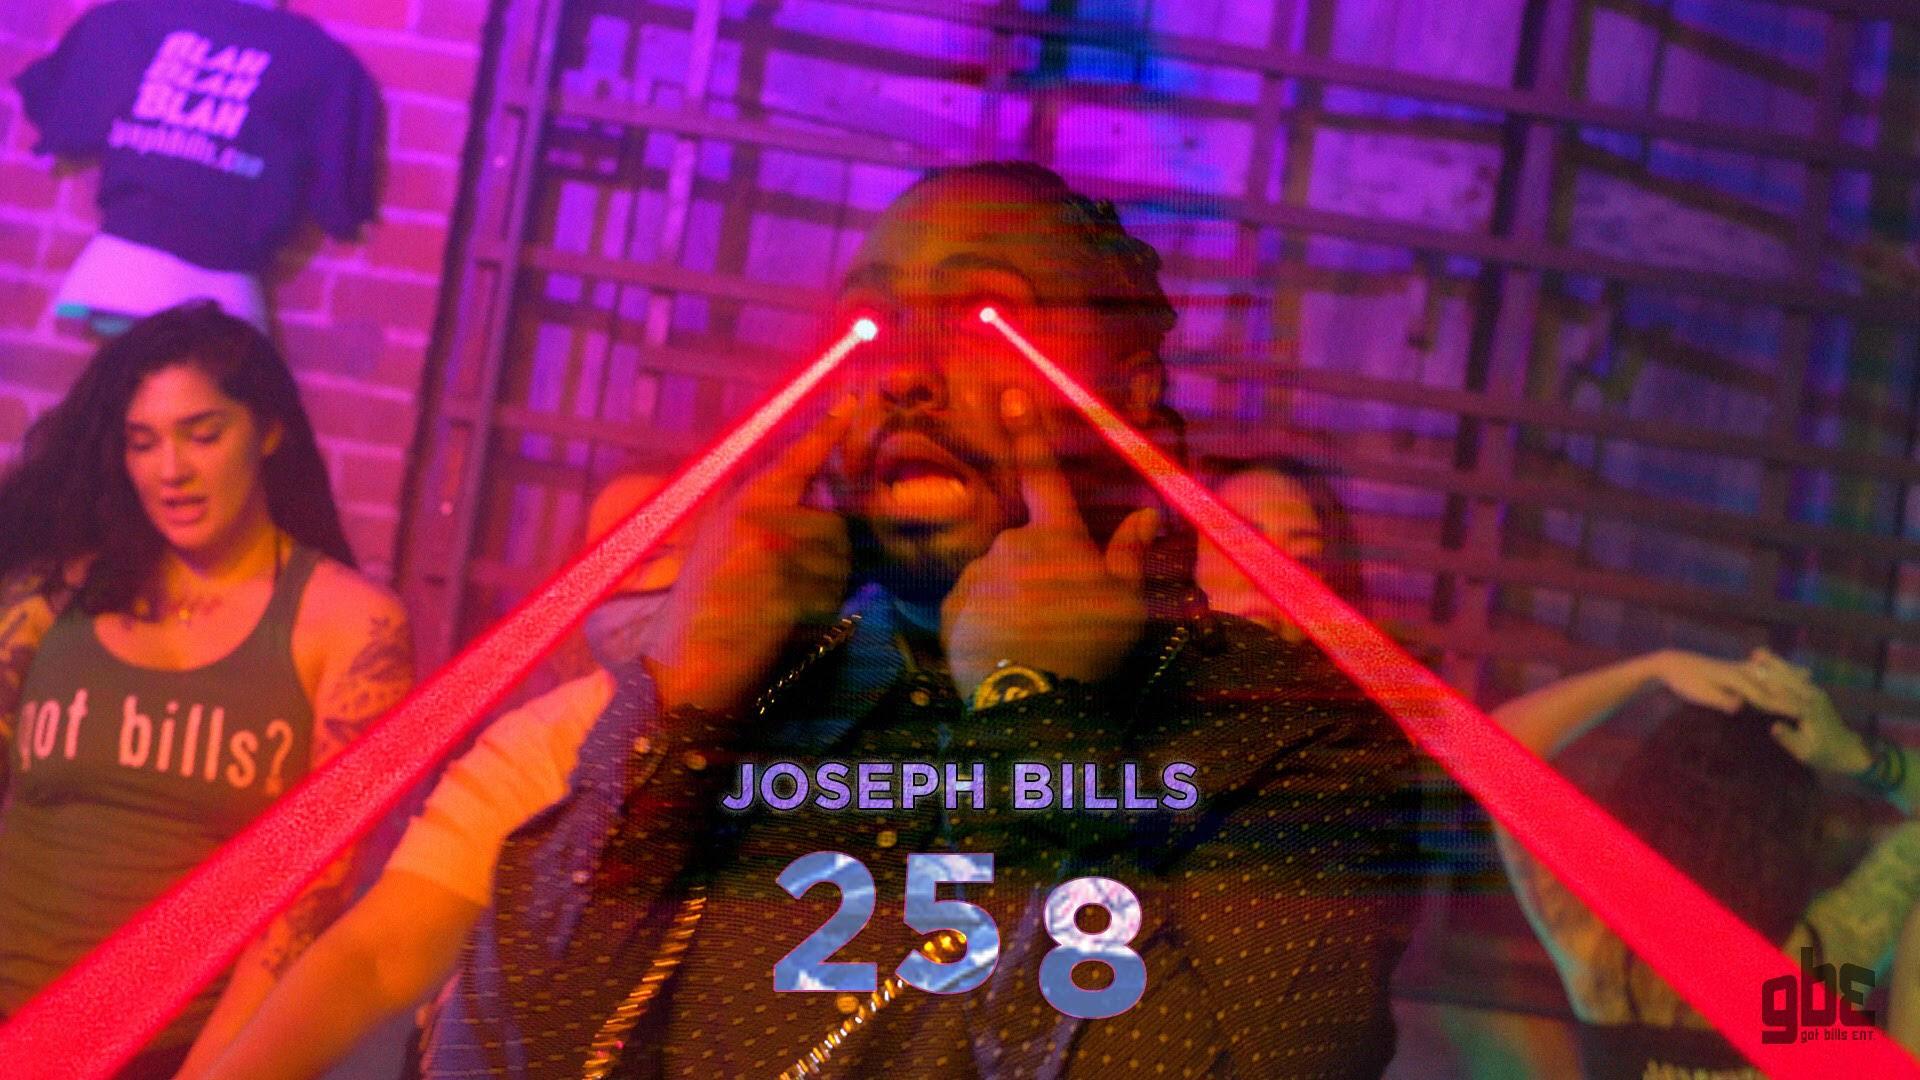 New Music: Joesph Bills – 25/8 | @josephbills